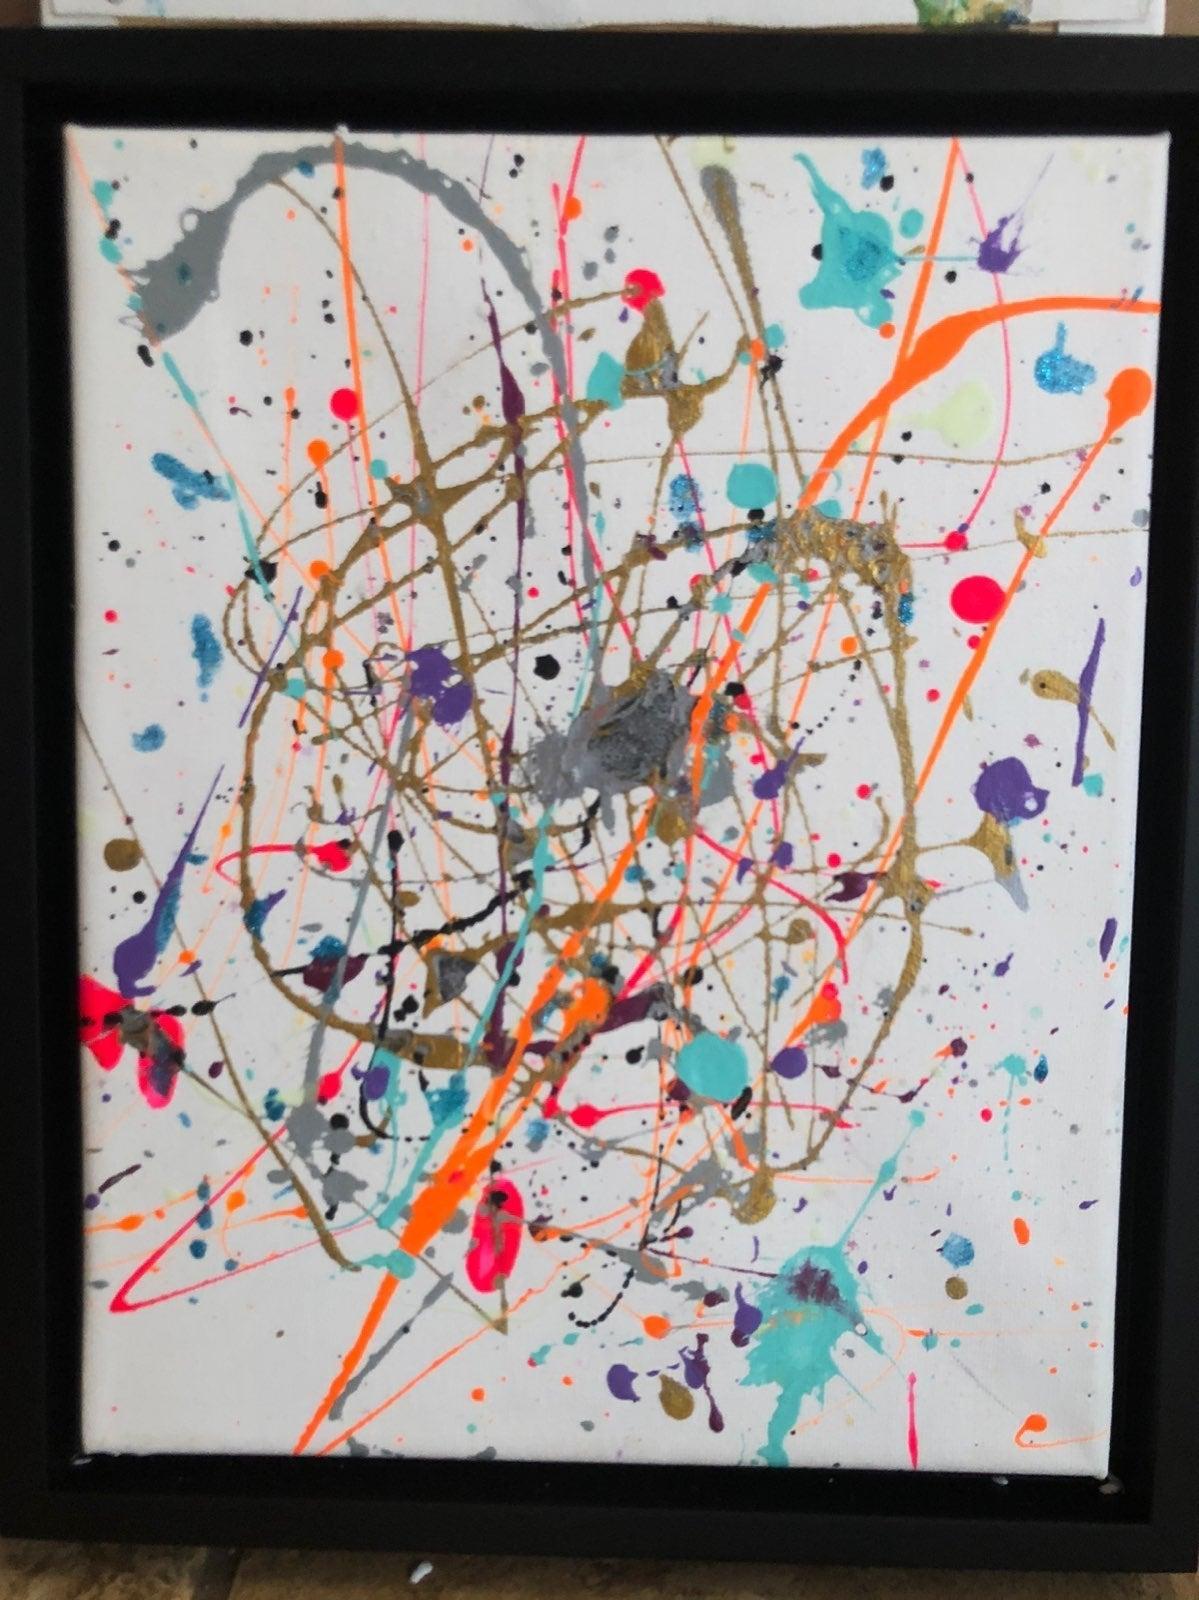 Original Artworks, paintings